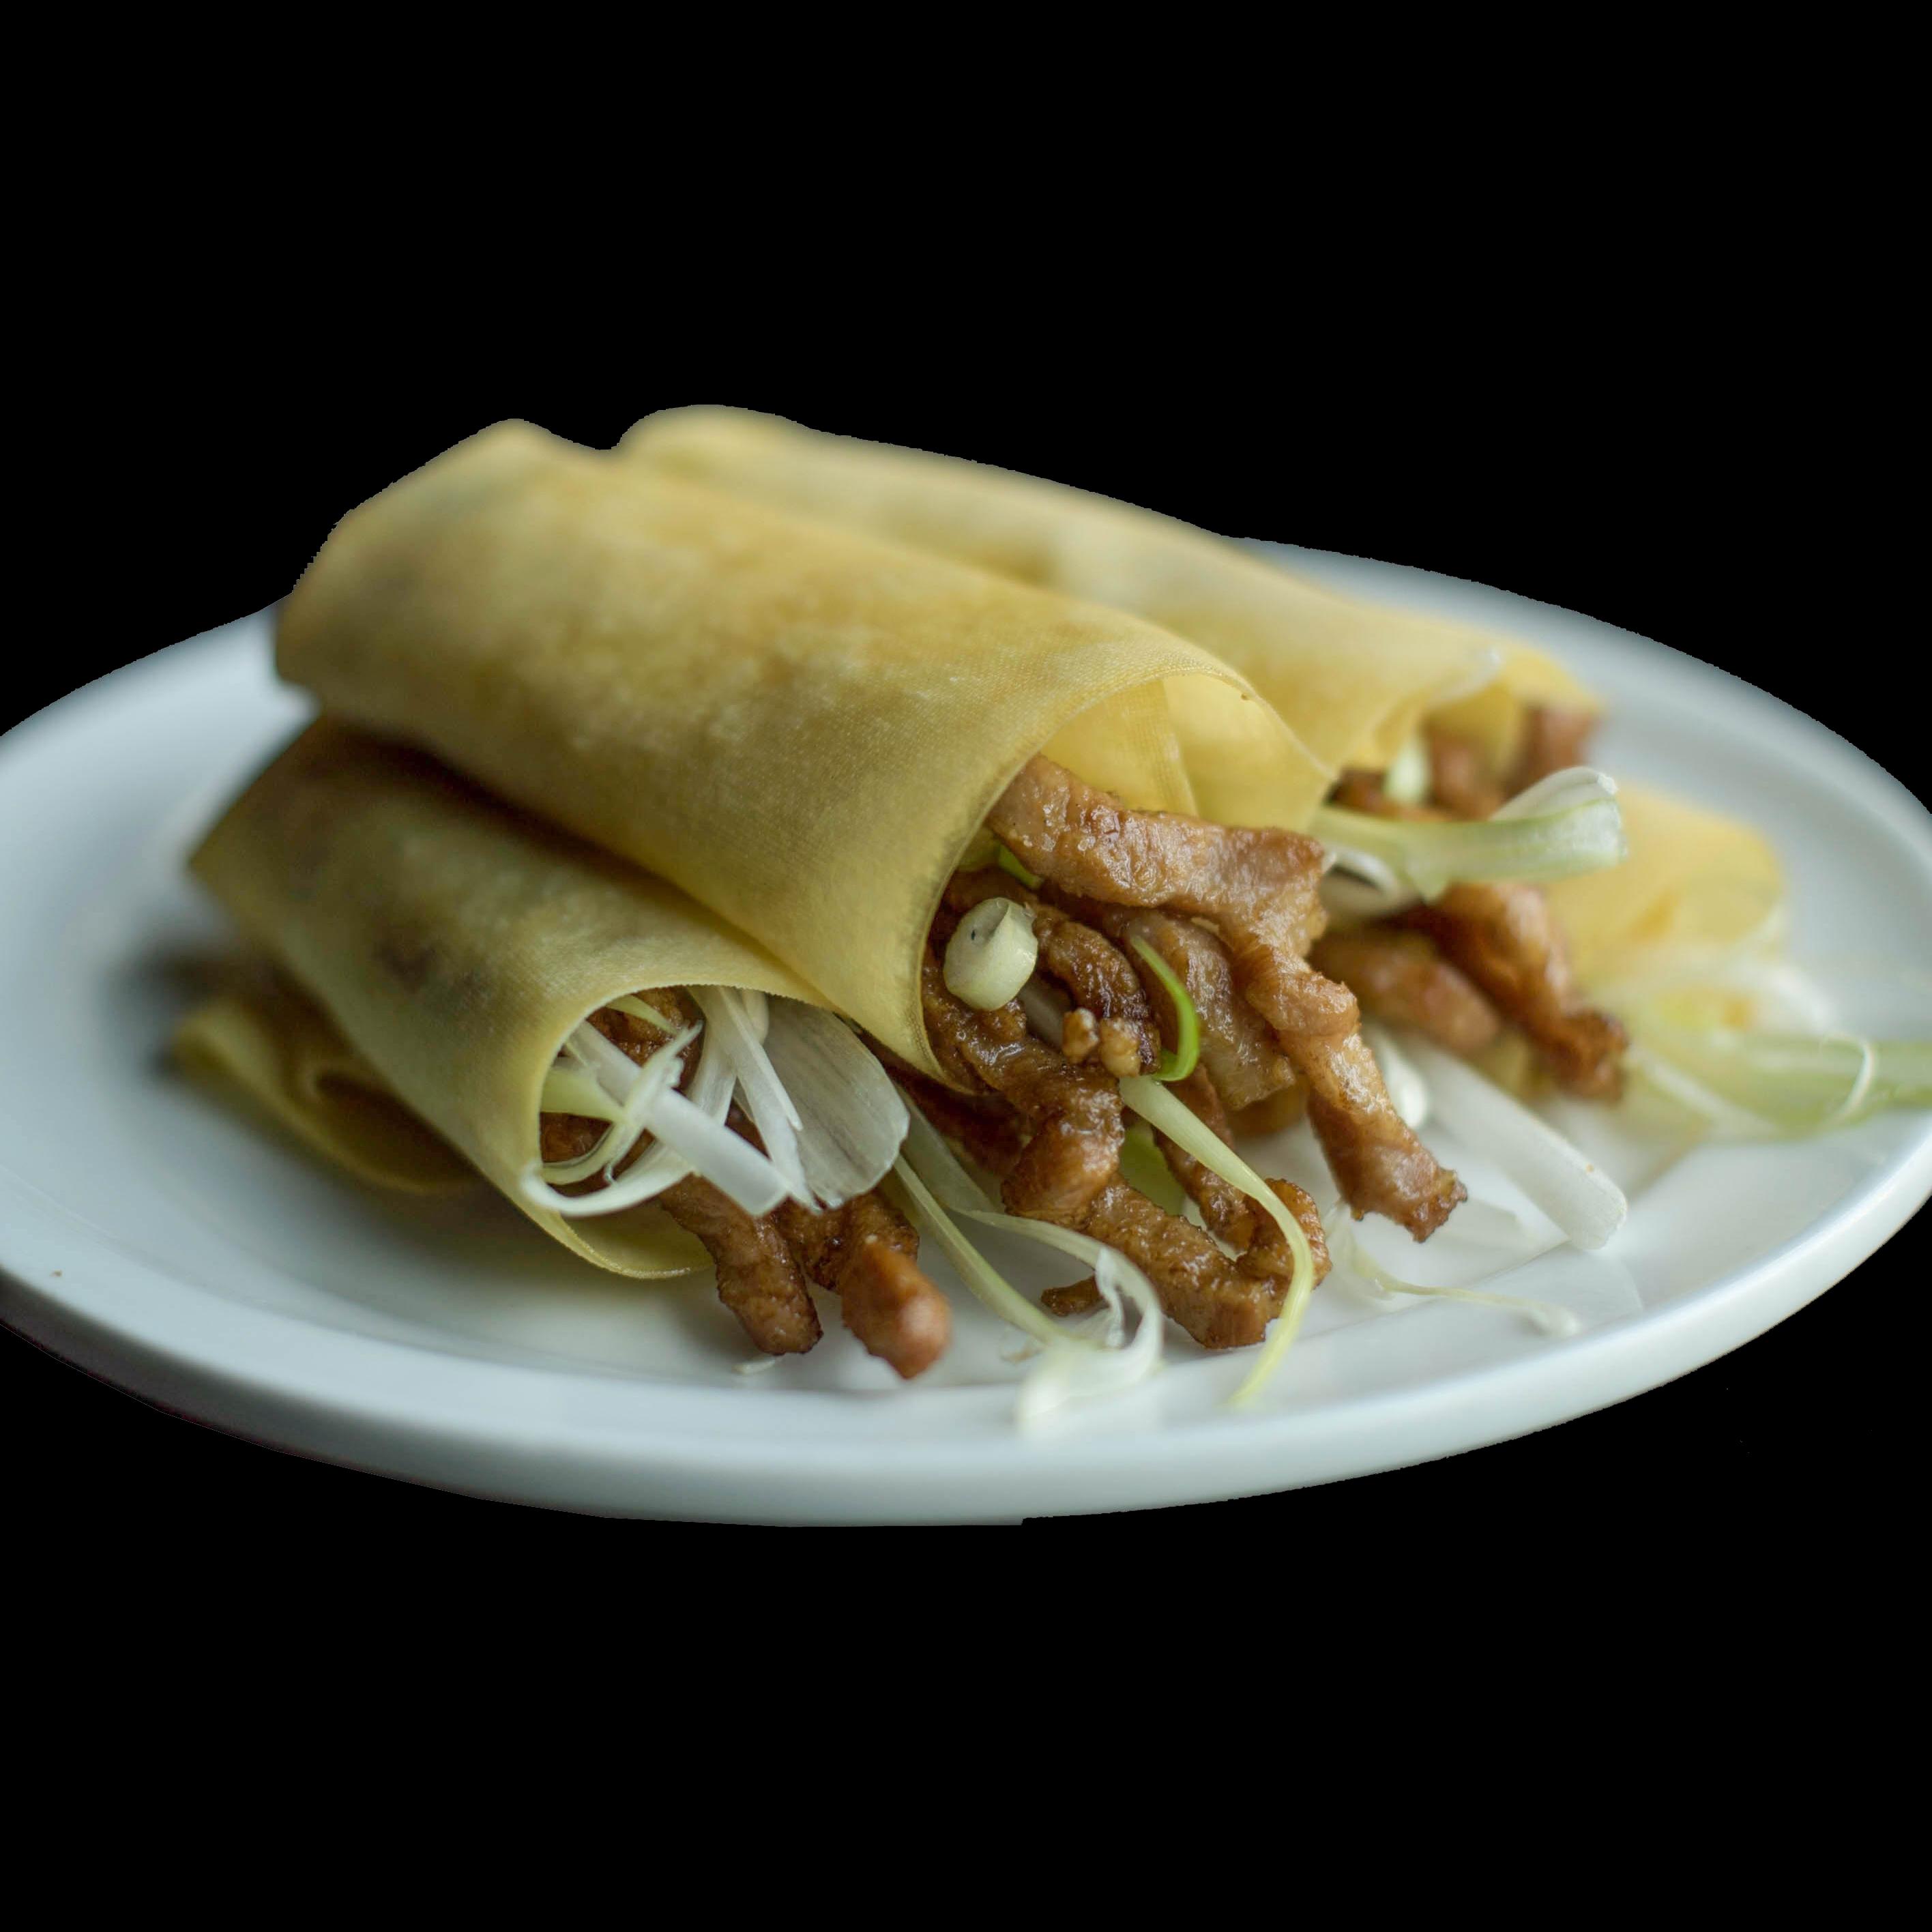 41. 京酱肉丝配豆皮 Beijing Sauce Shredded Pork Image